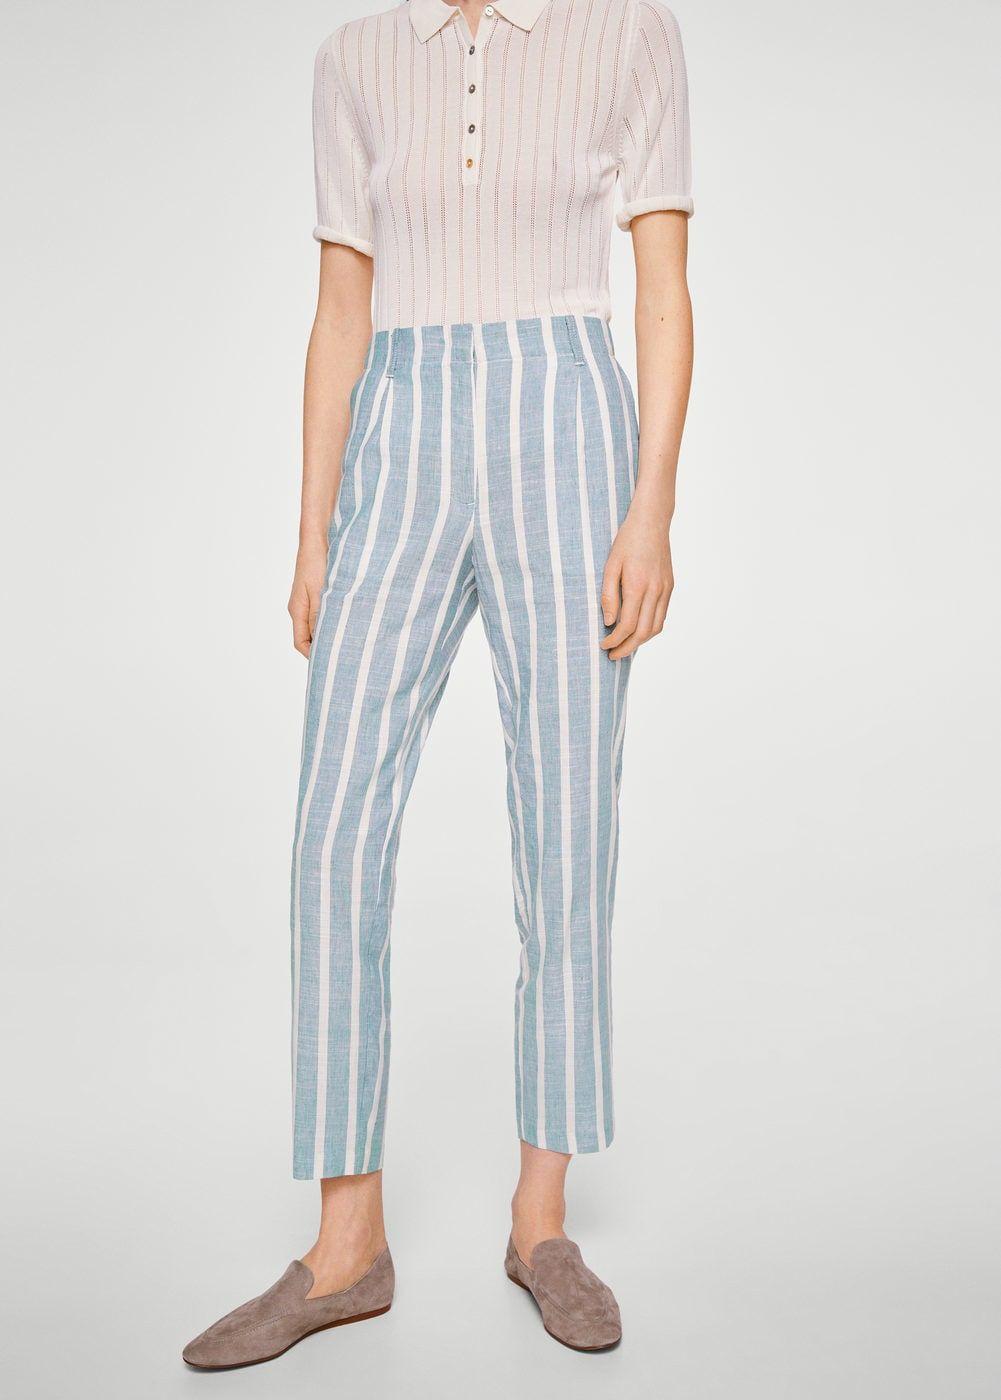 Pantalón lino rayas Mujer   Pantalones de mezclilla mujer